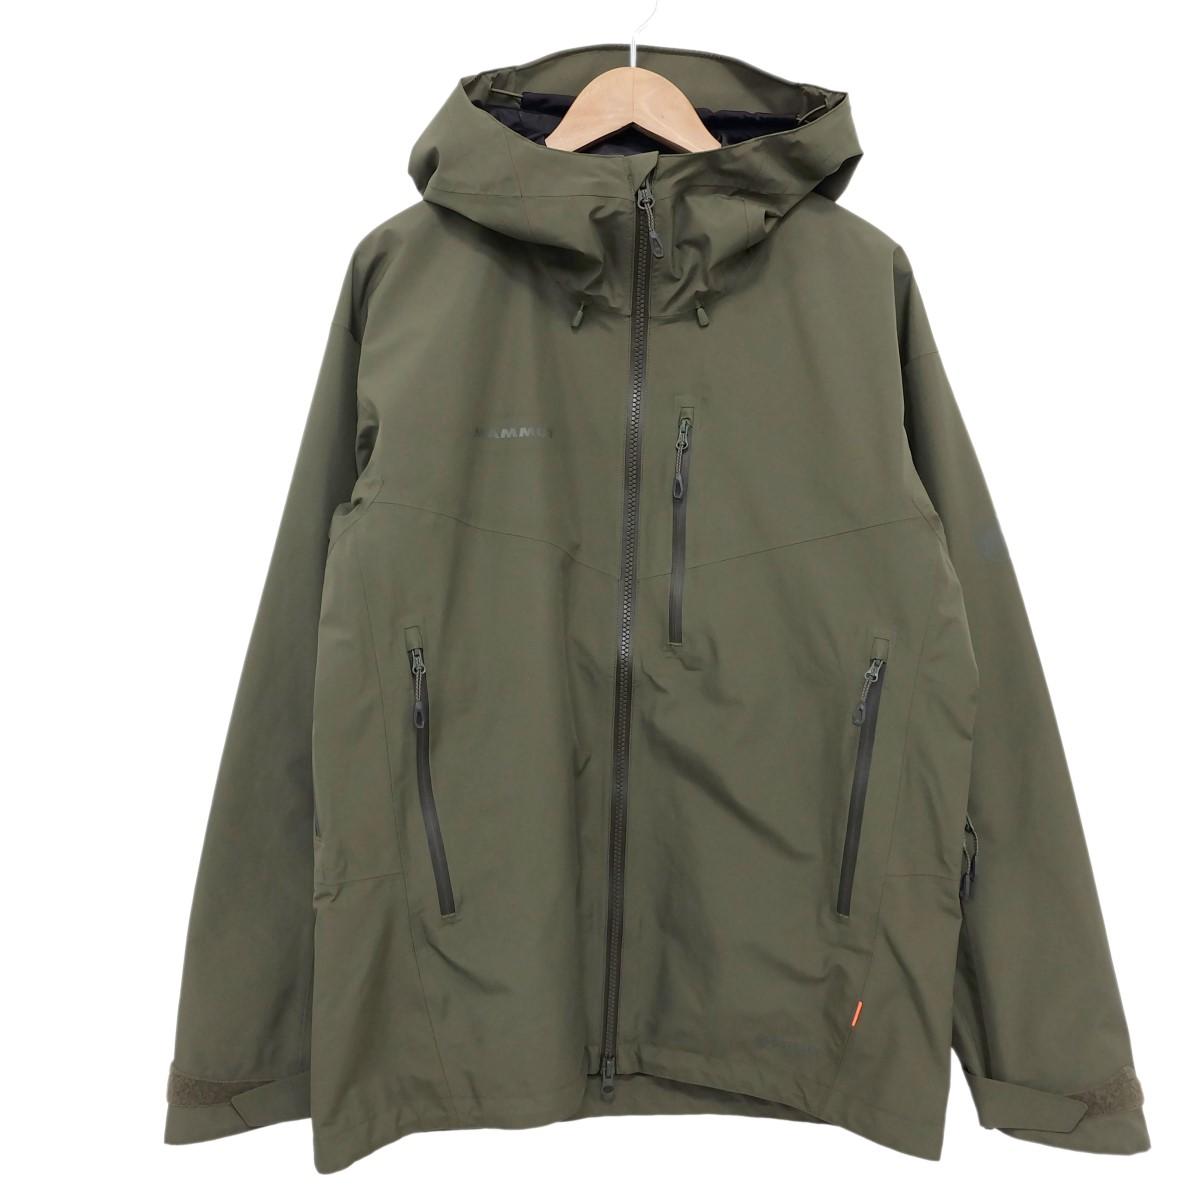 【中古】Marmot 19AW  ayako pro hs hooded jacket フーデットジャケット オリーブ サイズ:ASIA L 【150520】(マーモット)